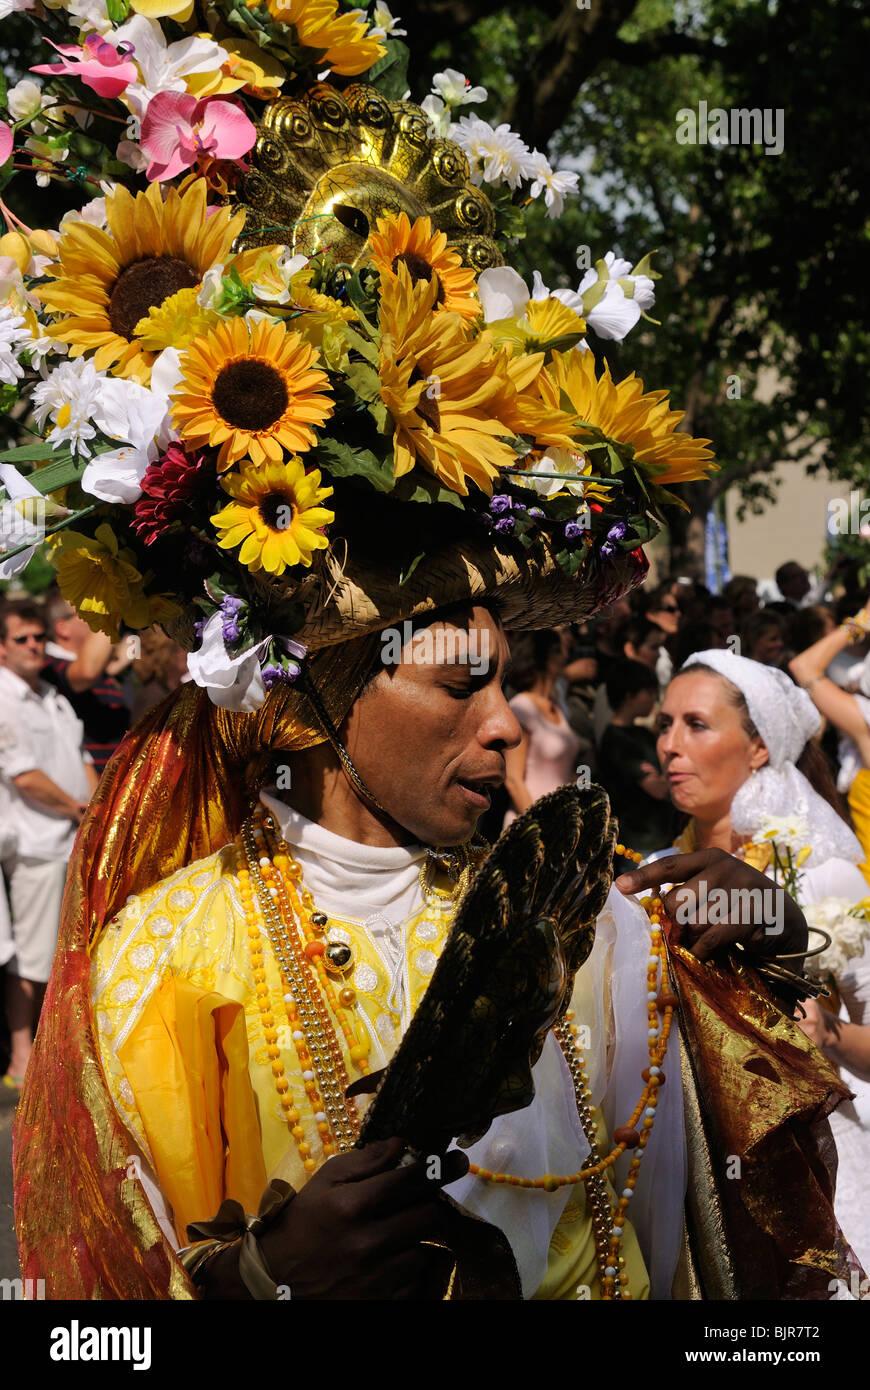 Karneval der Kulturen, il Carnevale delle culture di Berlino, quartiere di Kreuzberg, Germania, Europa Immagini Stock